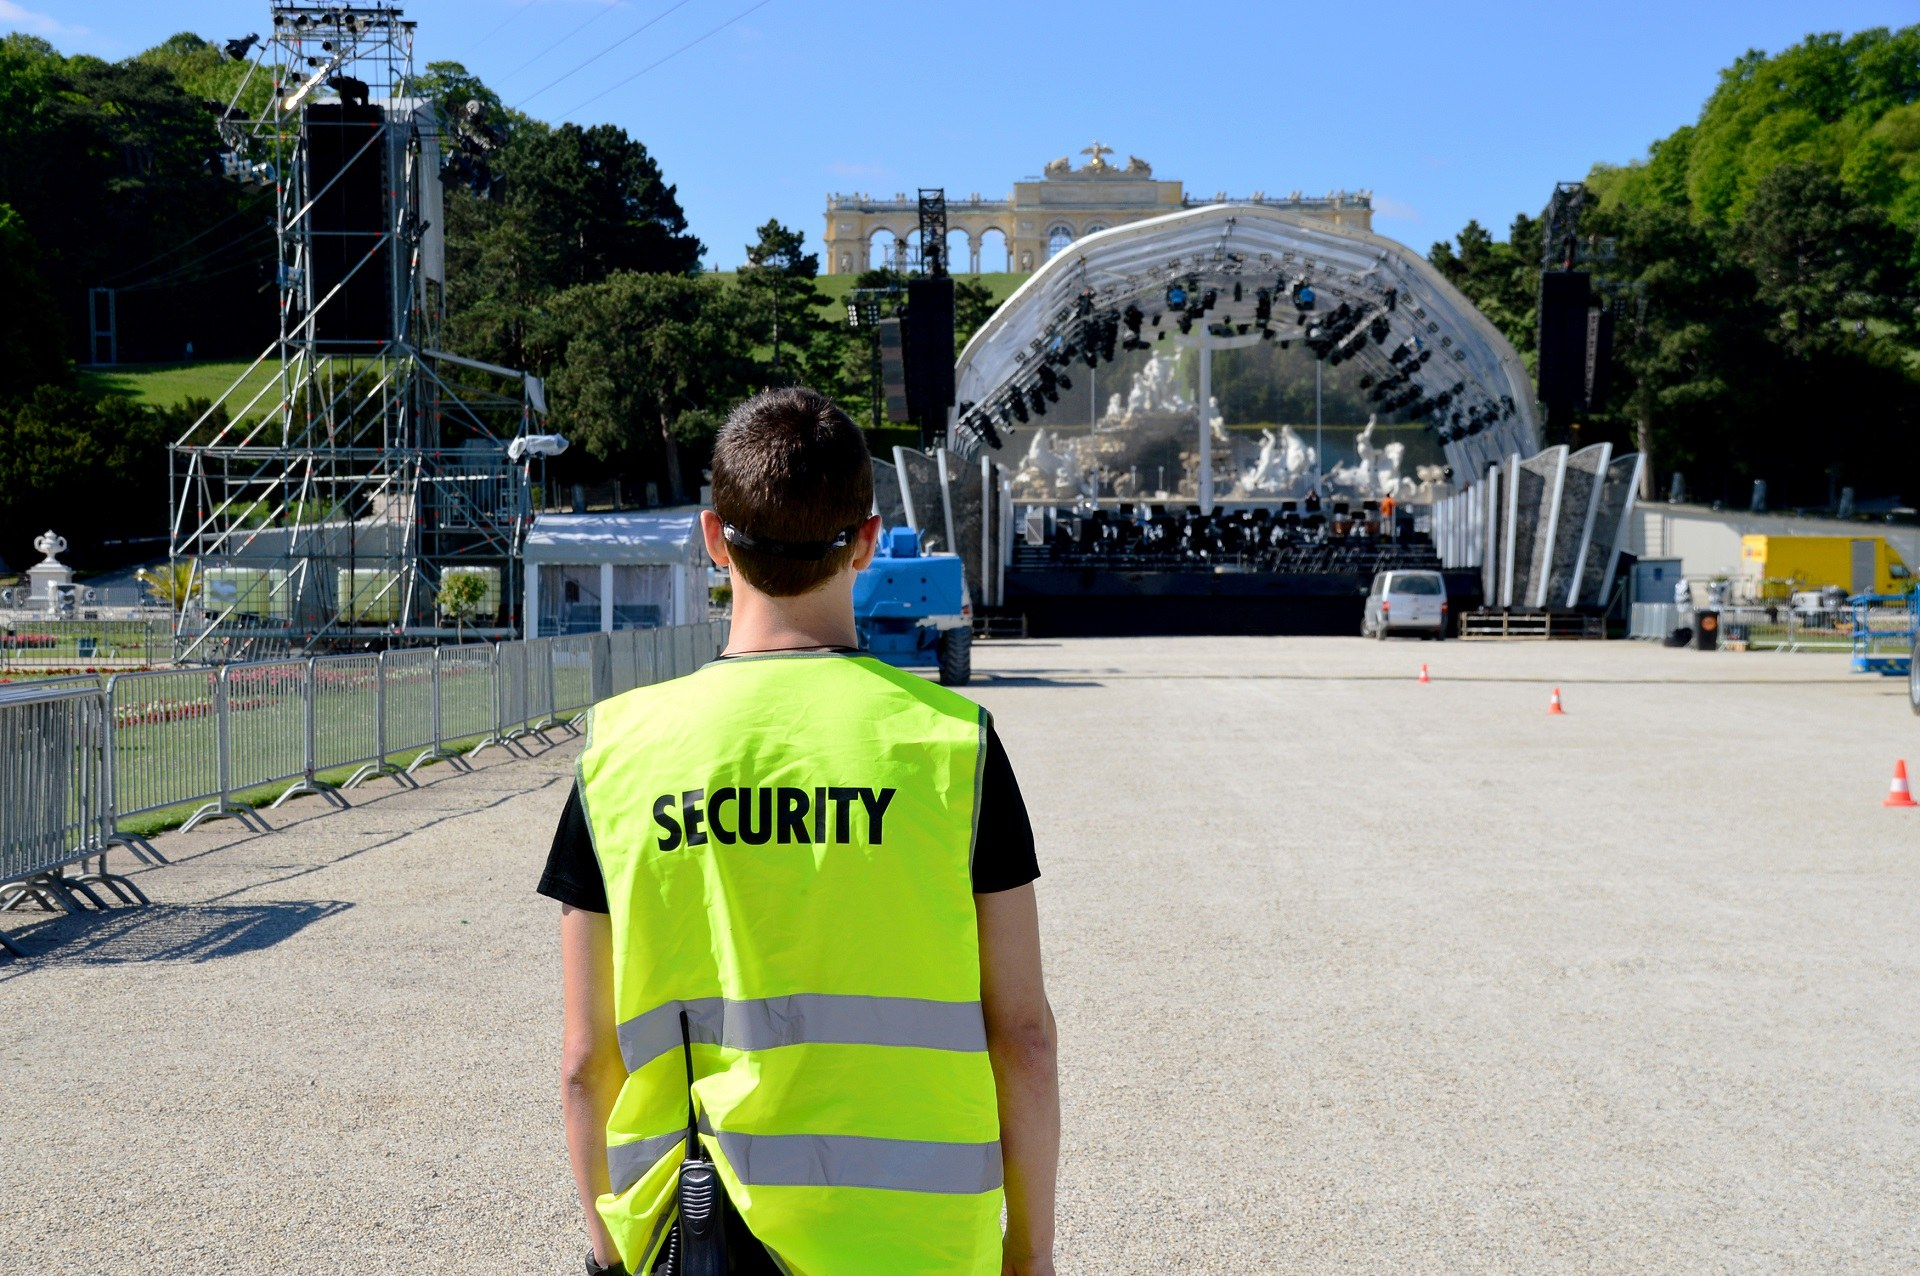 Parkplatzbewachung, Event Security, Veranstaltungsschutz Wiesbaden- Sicherheitsdienst, Security